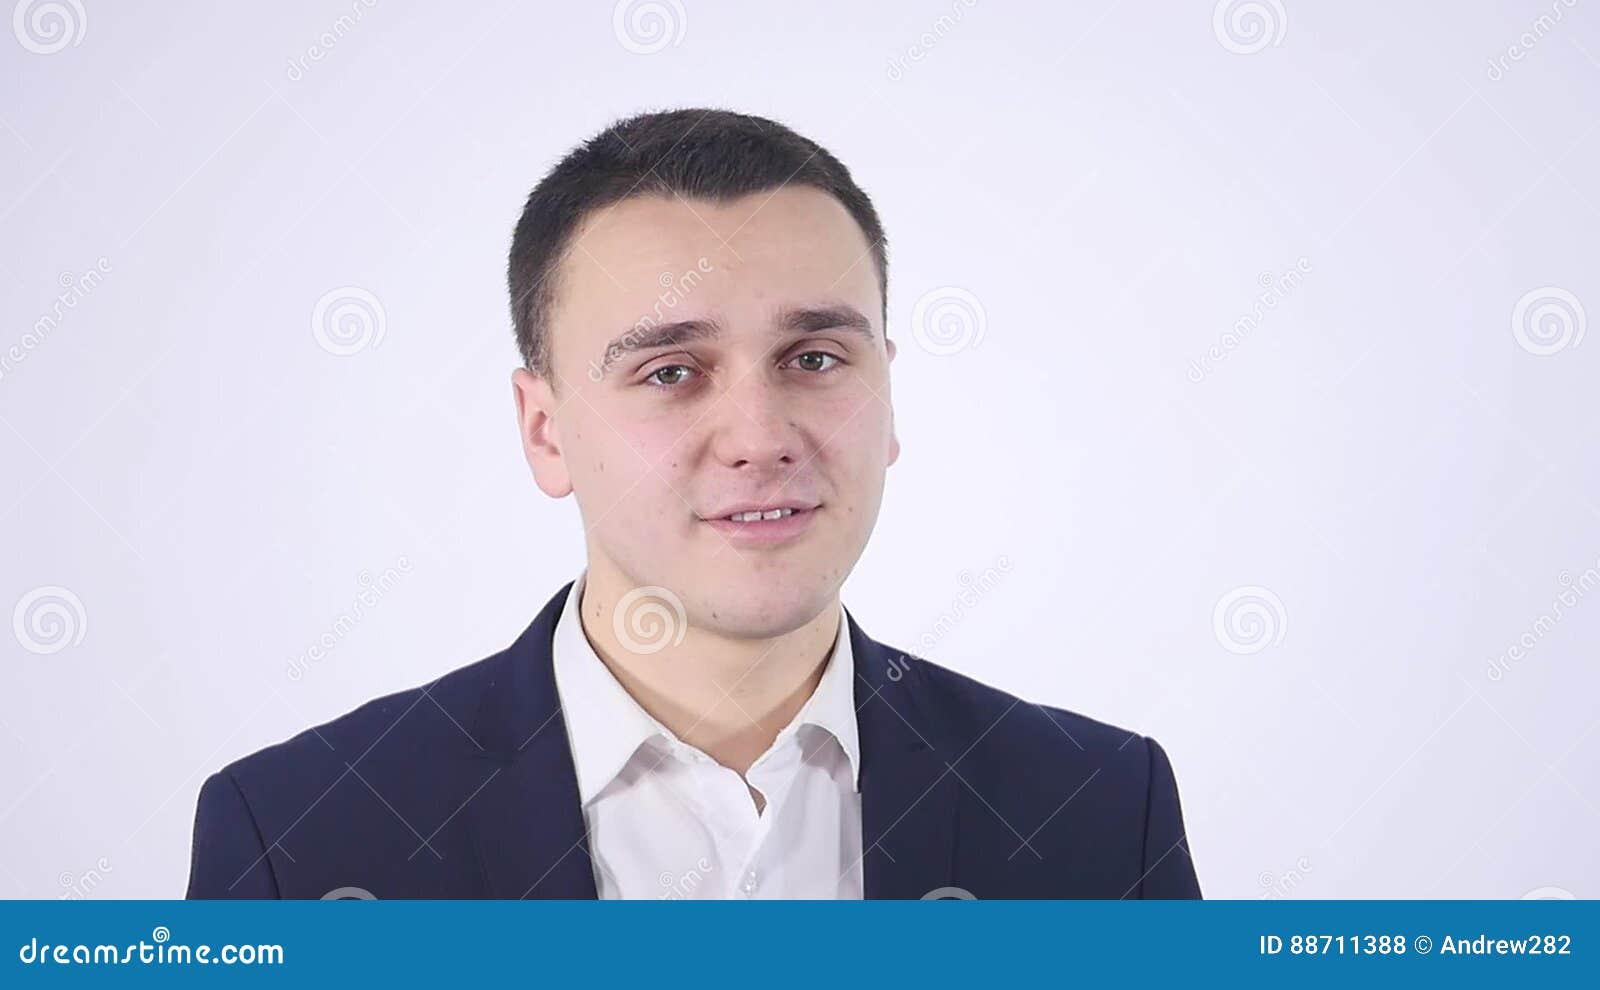 Bästa ukrainska datingbyrå